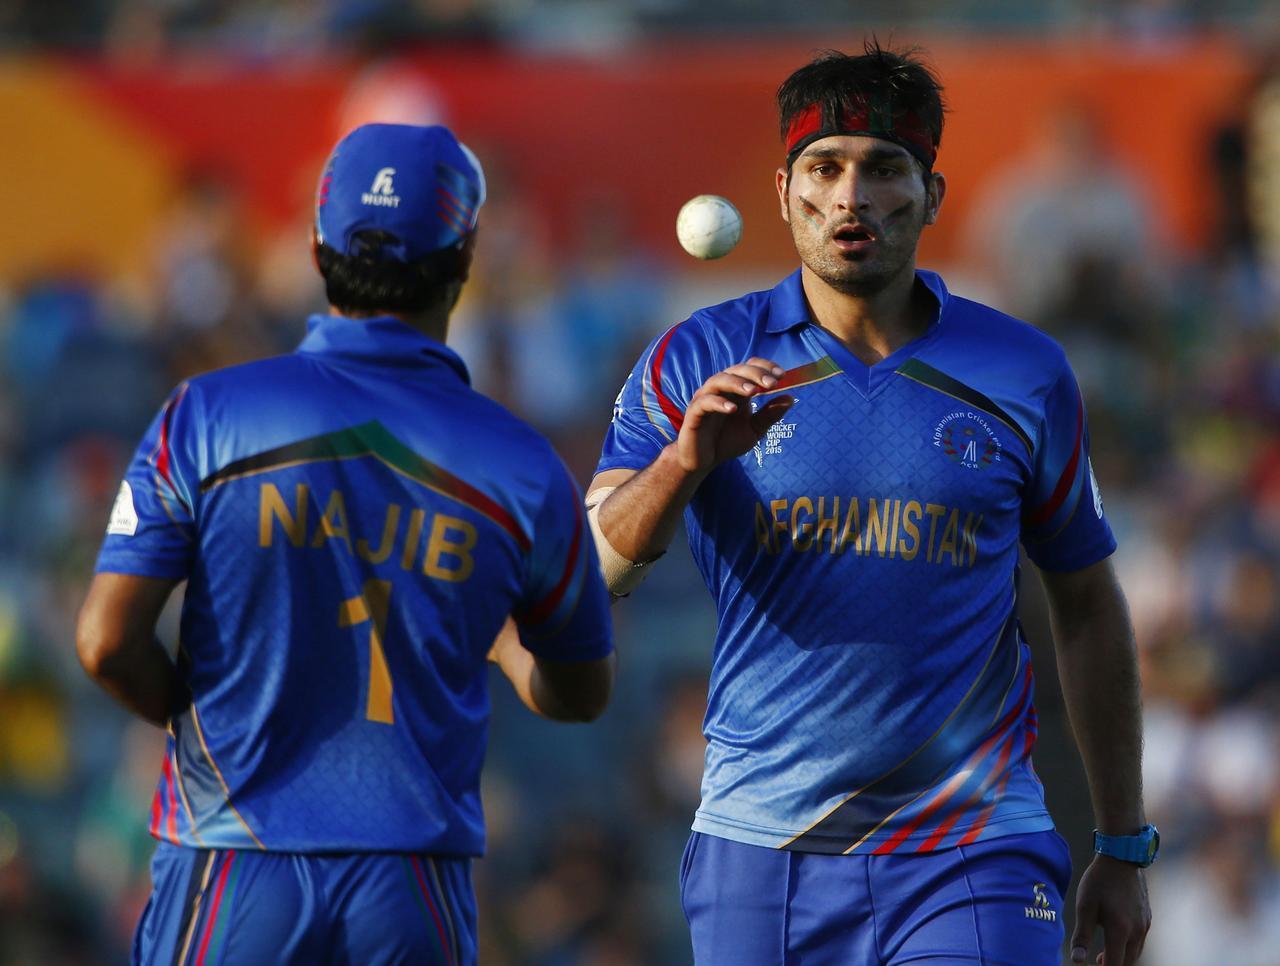 हामिद हसन विश्व कप के लिए अफगानिस्तान की टीम में शामिल